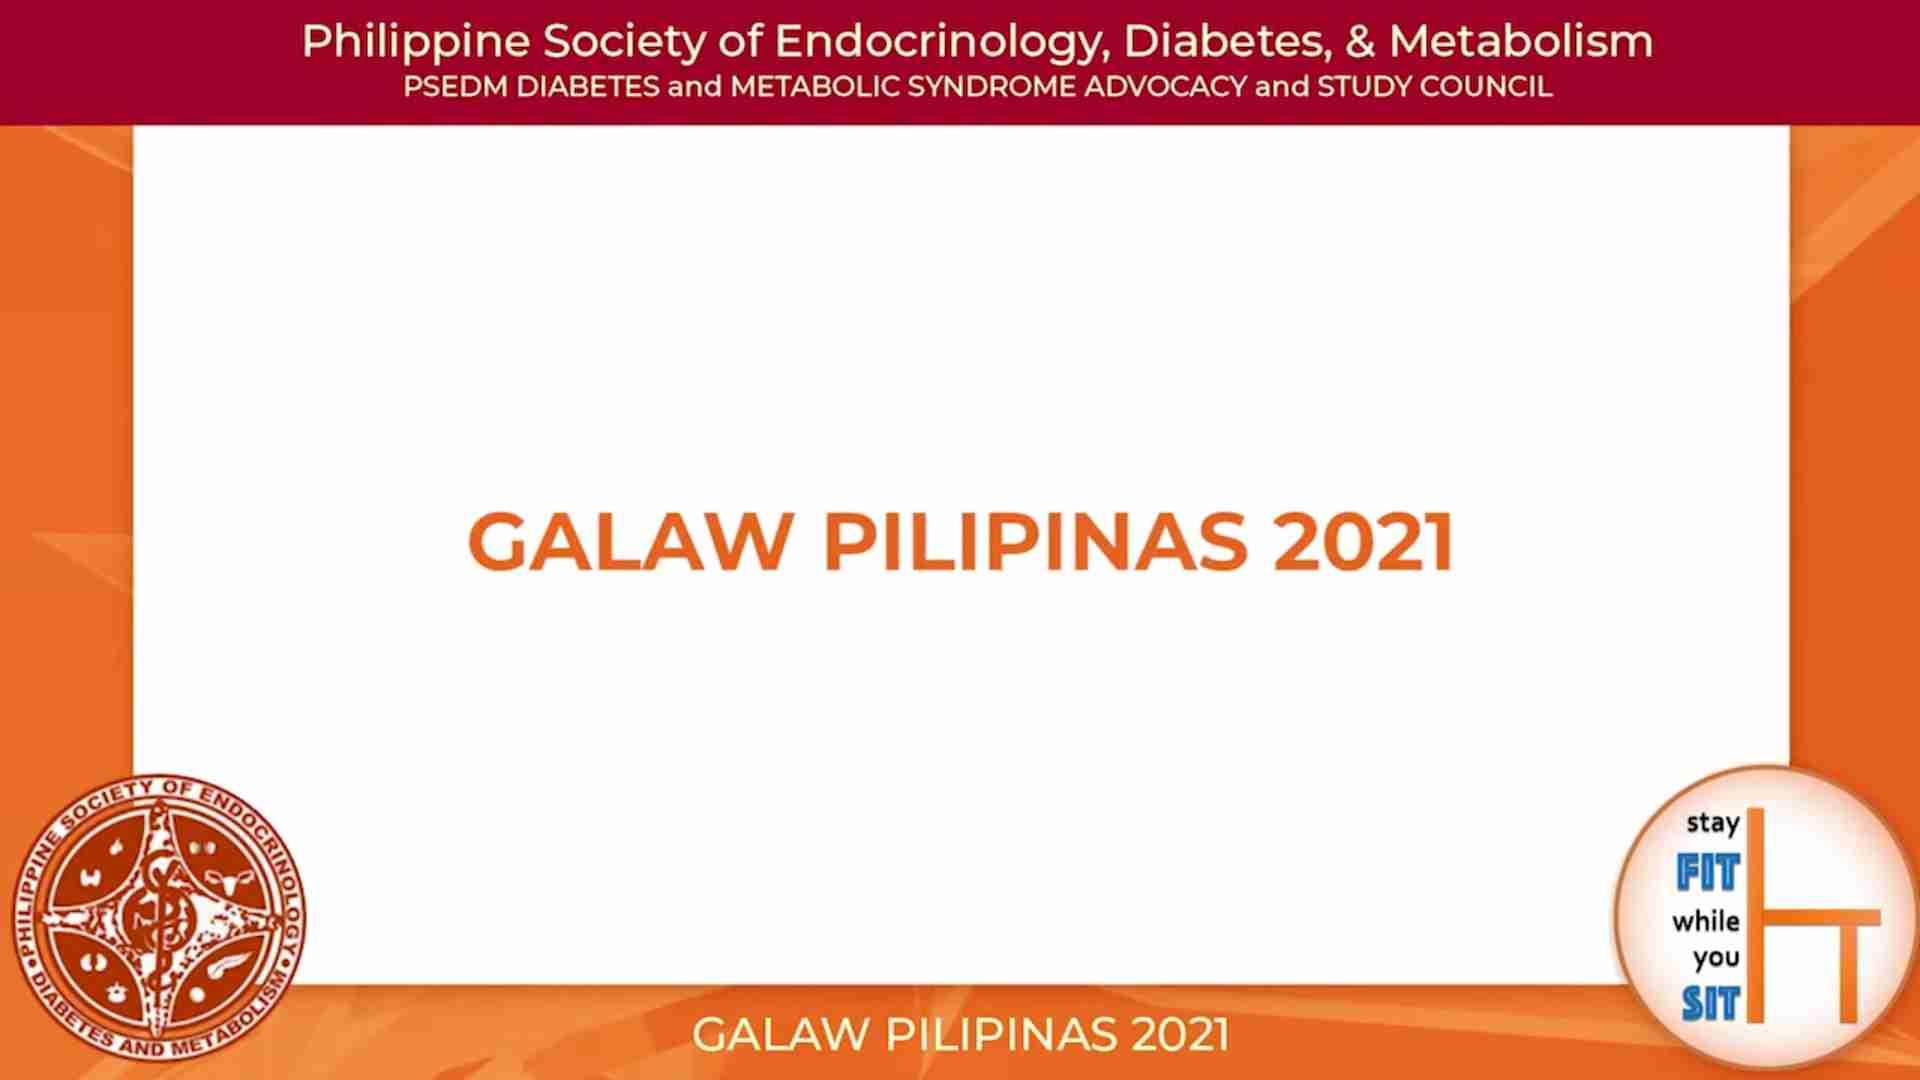 galaw_pilipinas_2021